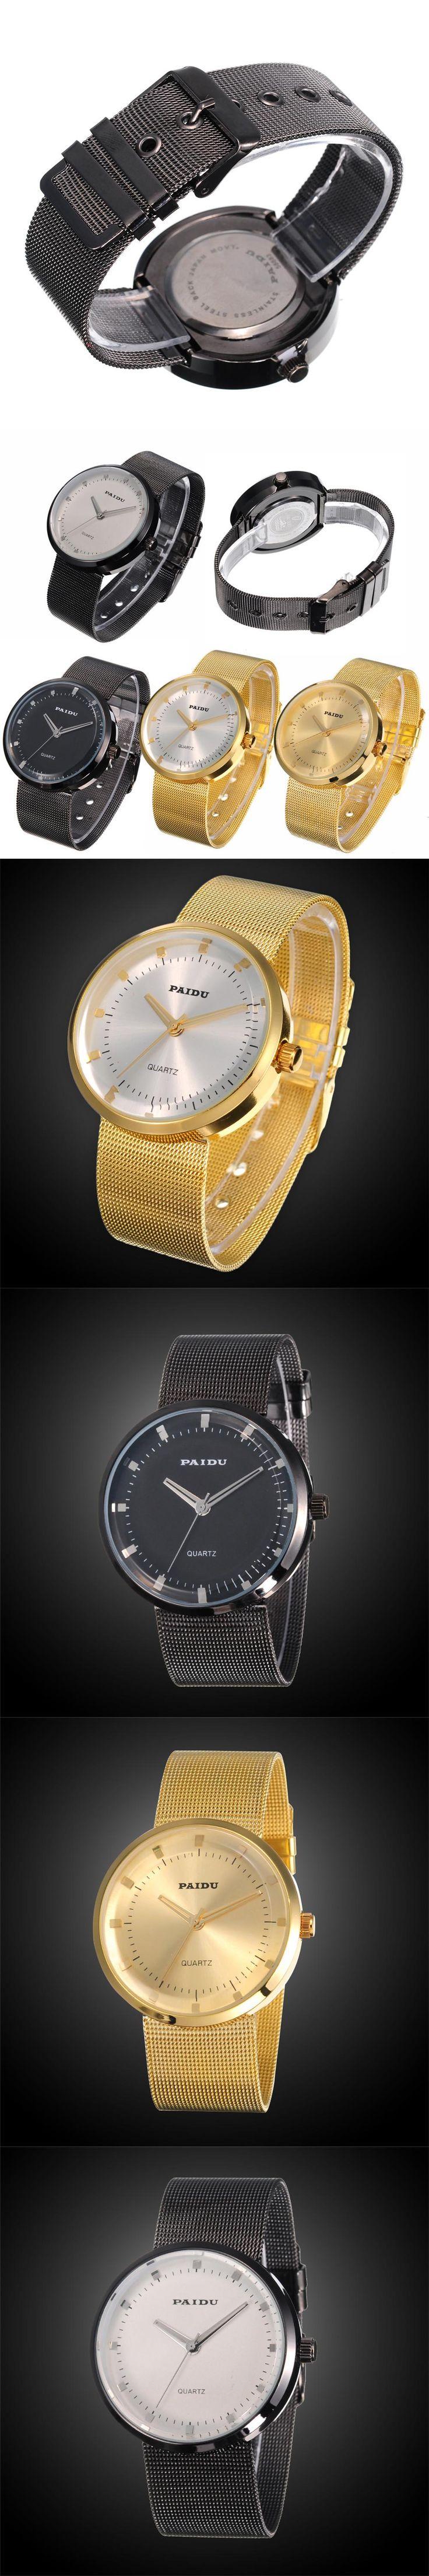 Relogio Masculino Fashion Watches Men 2015 New Designer Top Brand Luxury Men's Analog Quartz Popular Military Watch Wristwatches